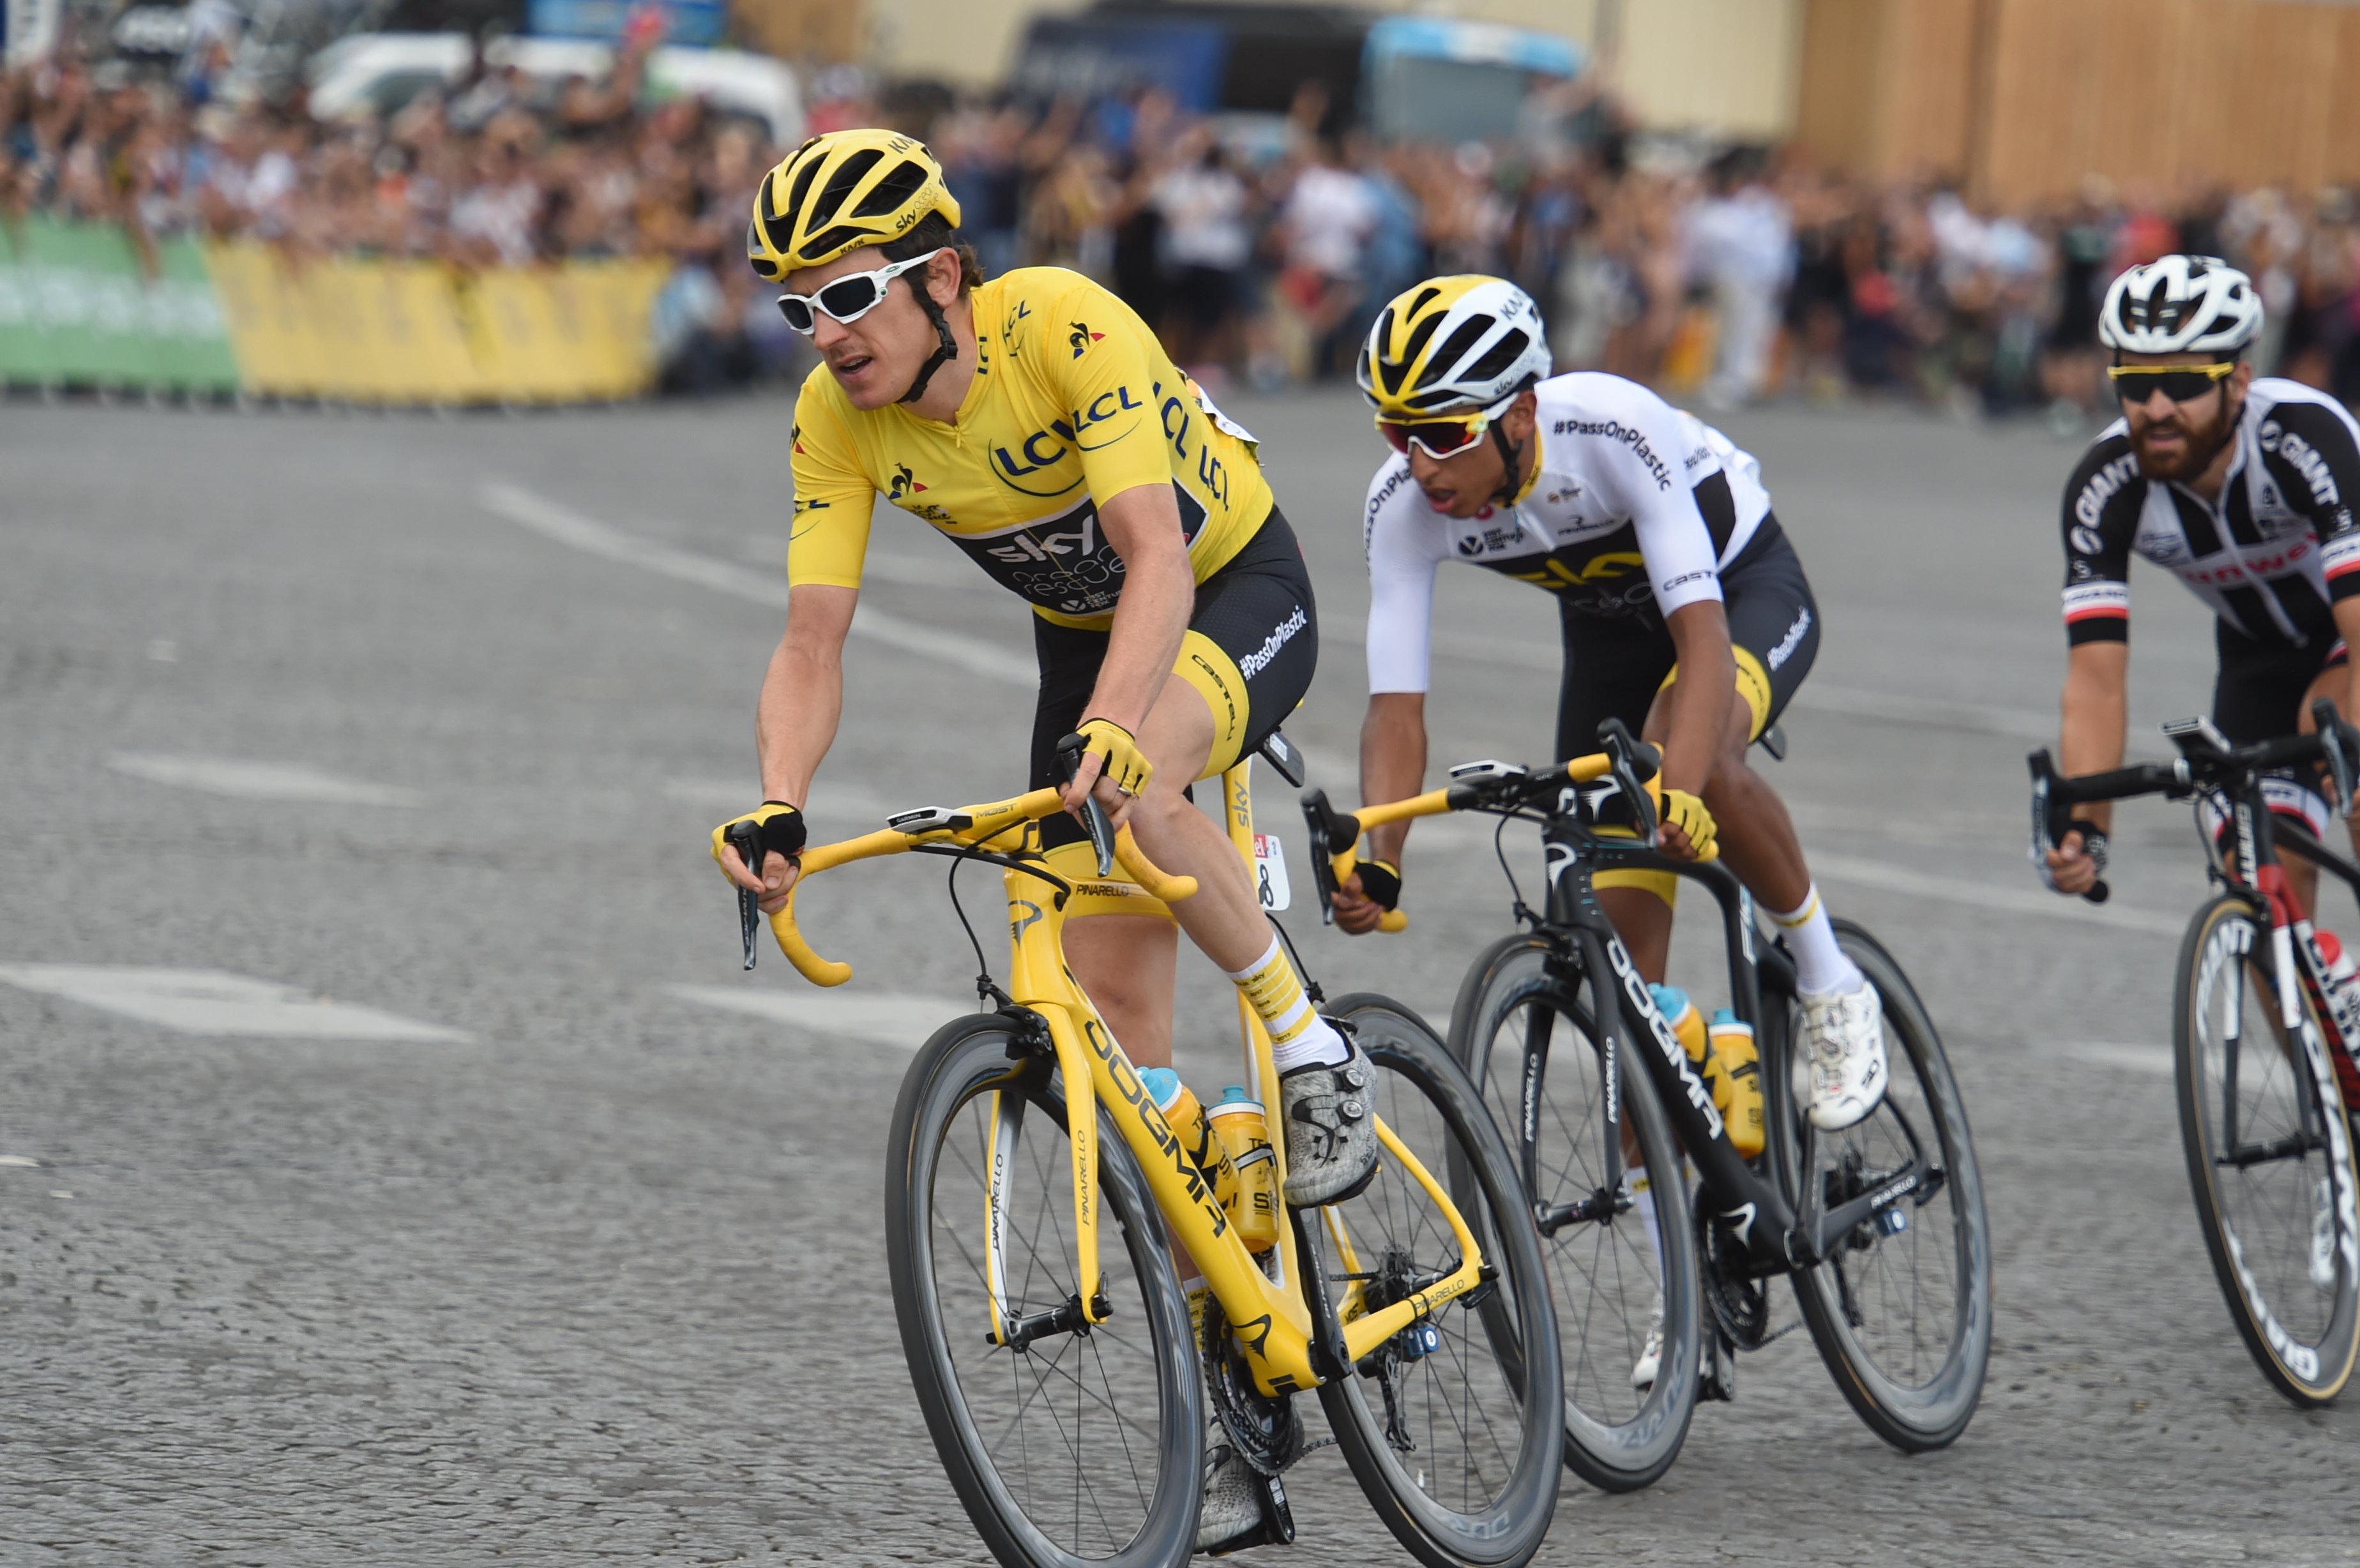 Spoznajmo Giro: Thomasova dokončna zavrnitev?